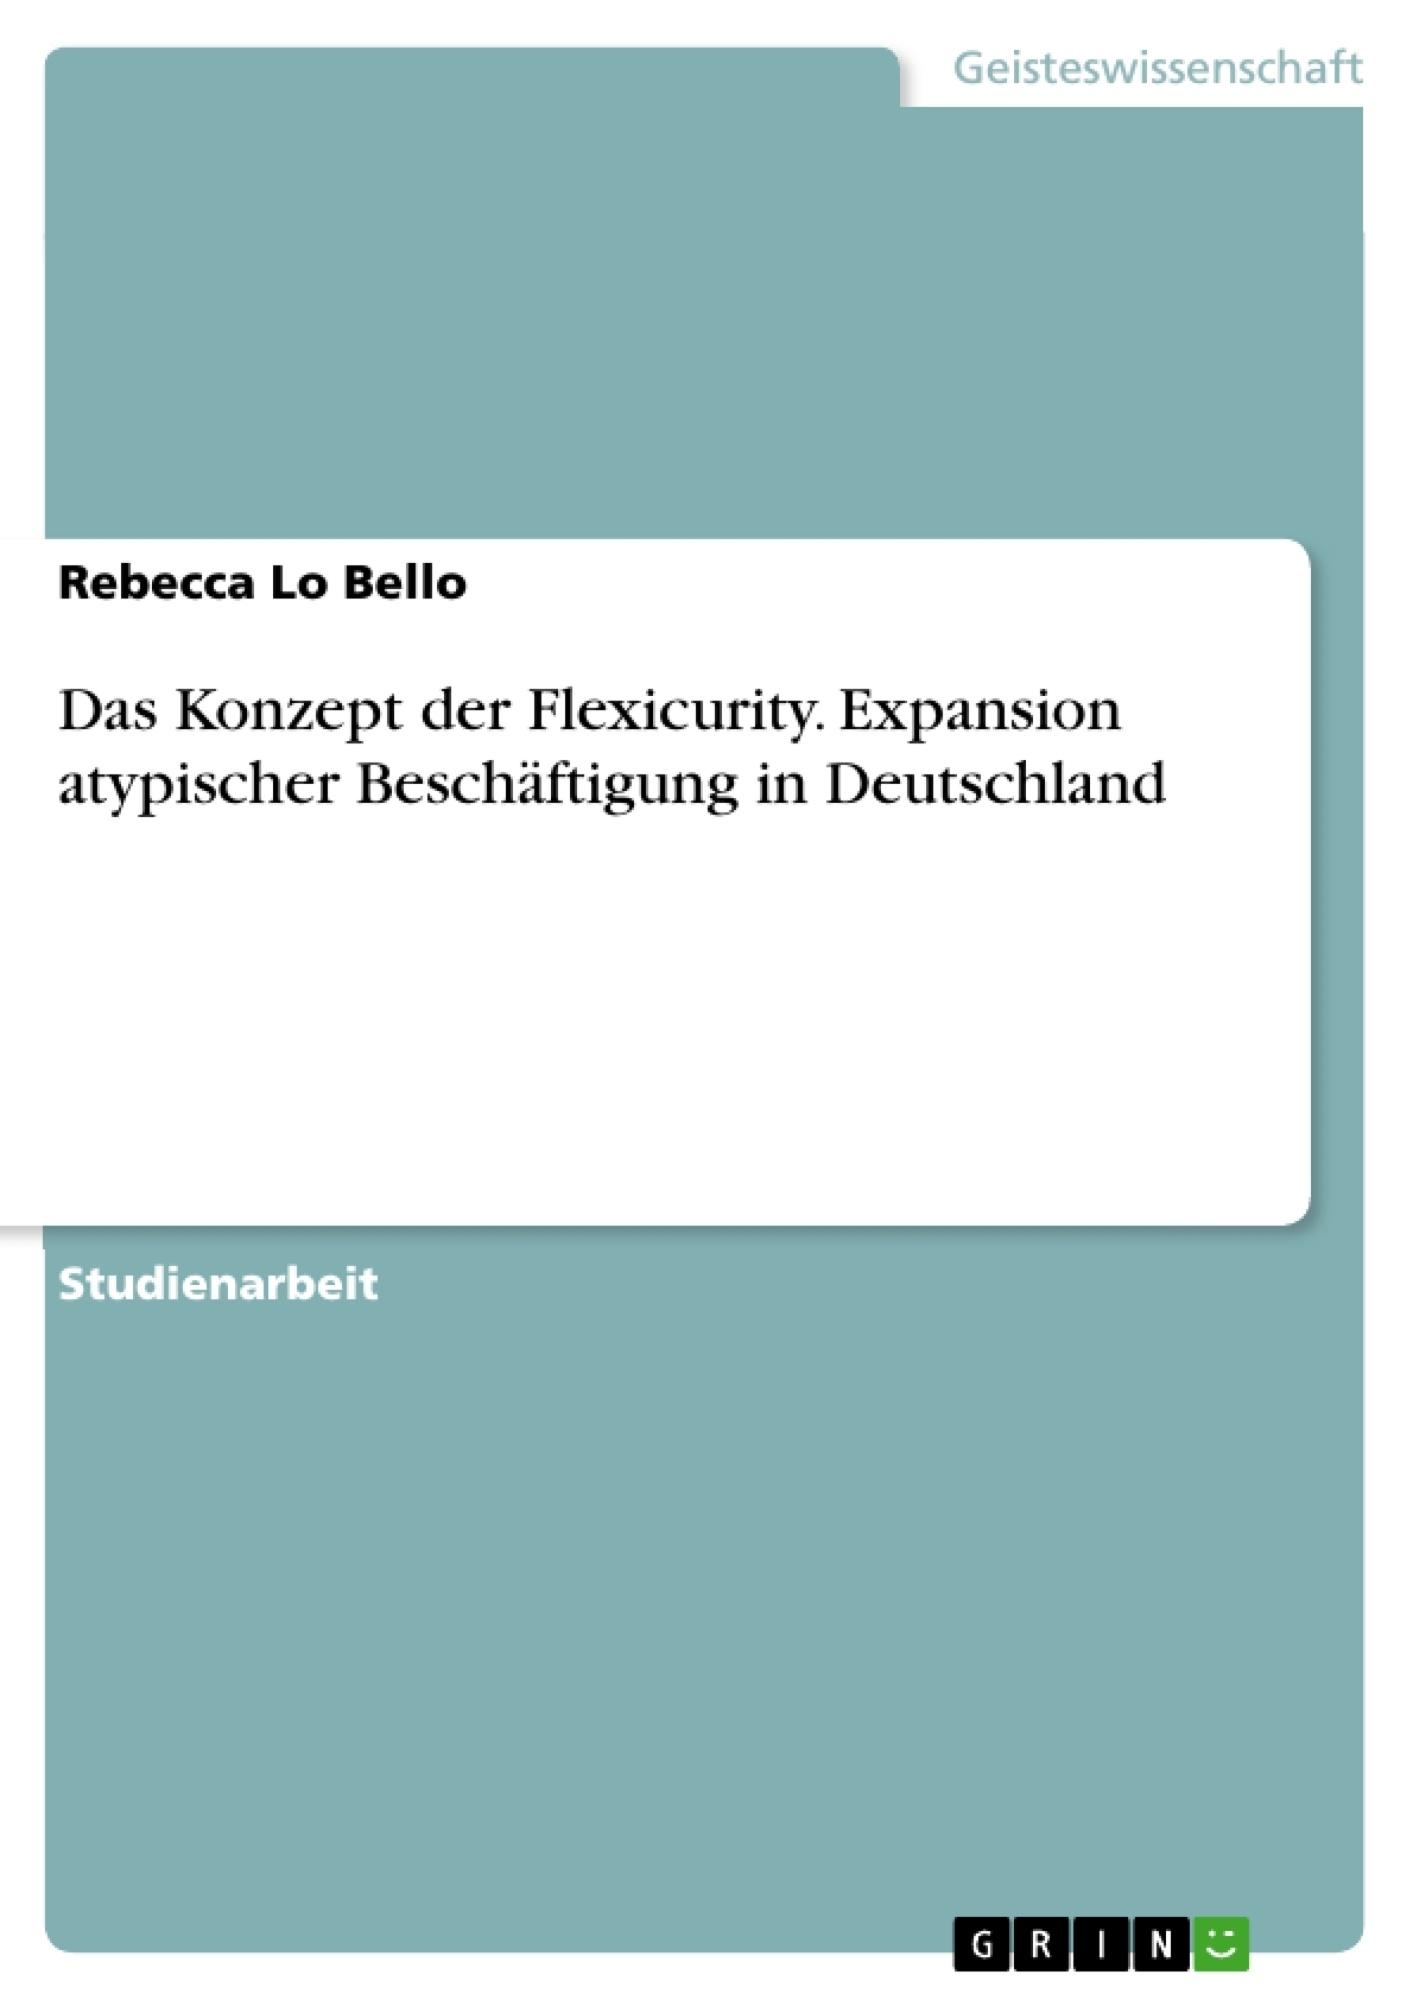 Titel: Das Konzept der Flexicurity. Expansion atypischer Beschäftigung in Deutschland